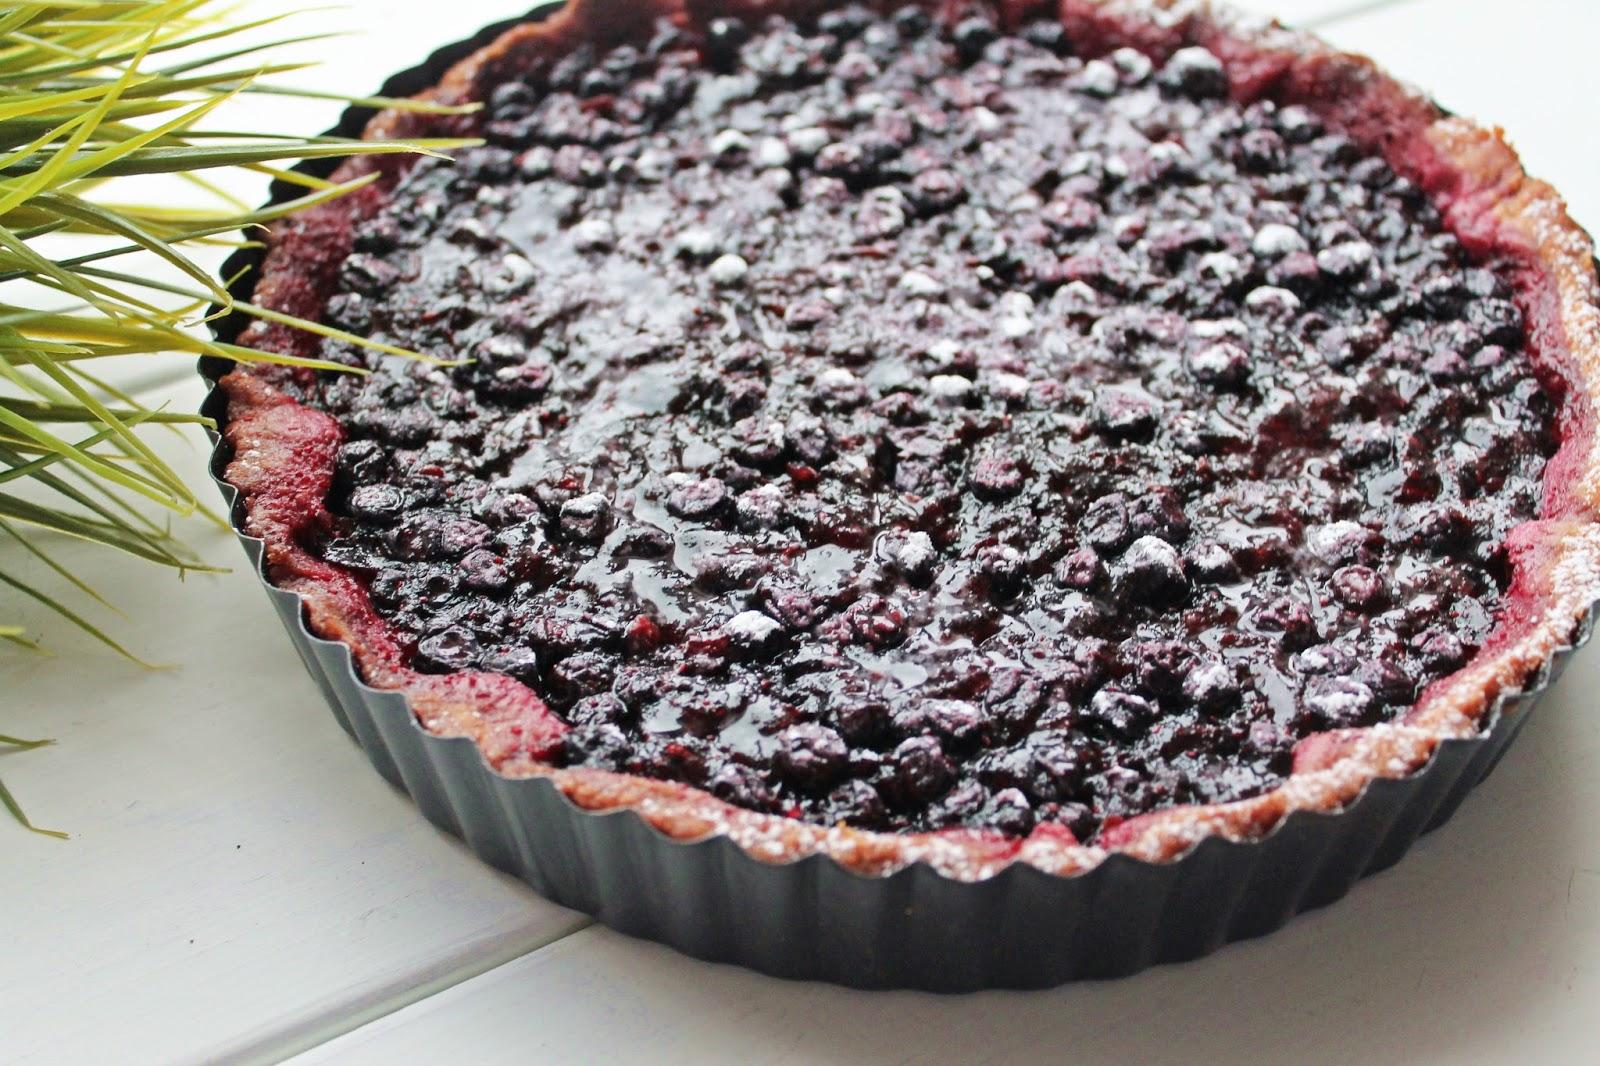 пирог со смородиной рецепт с фото быстро домашних условиях многие